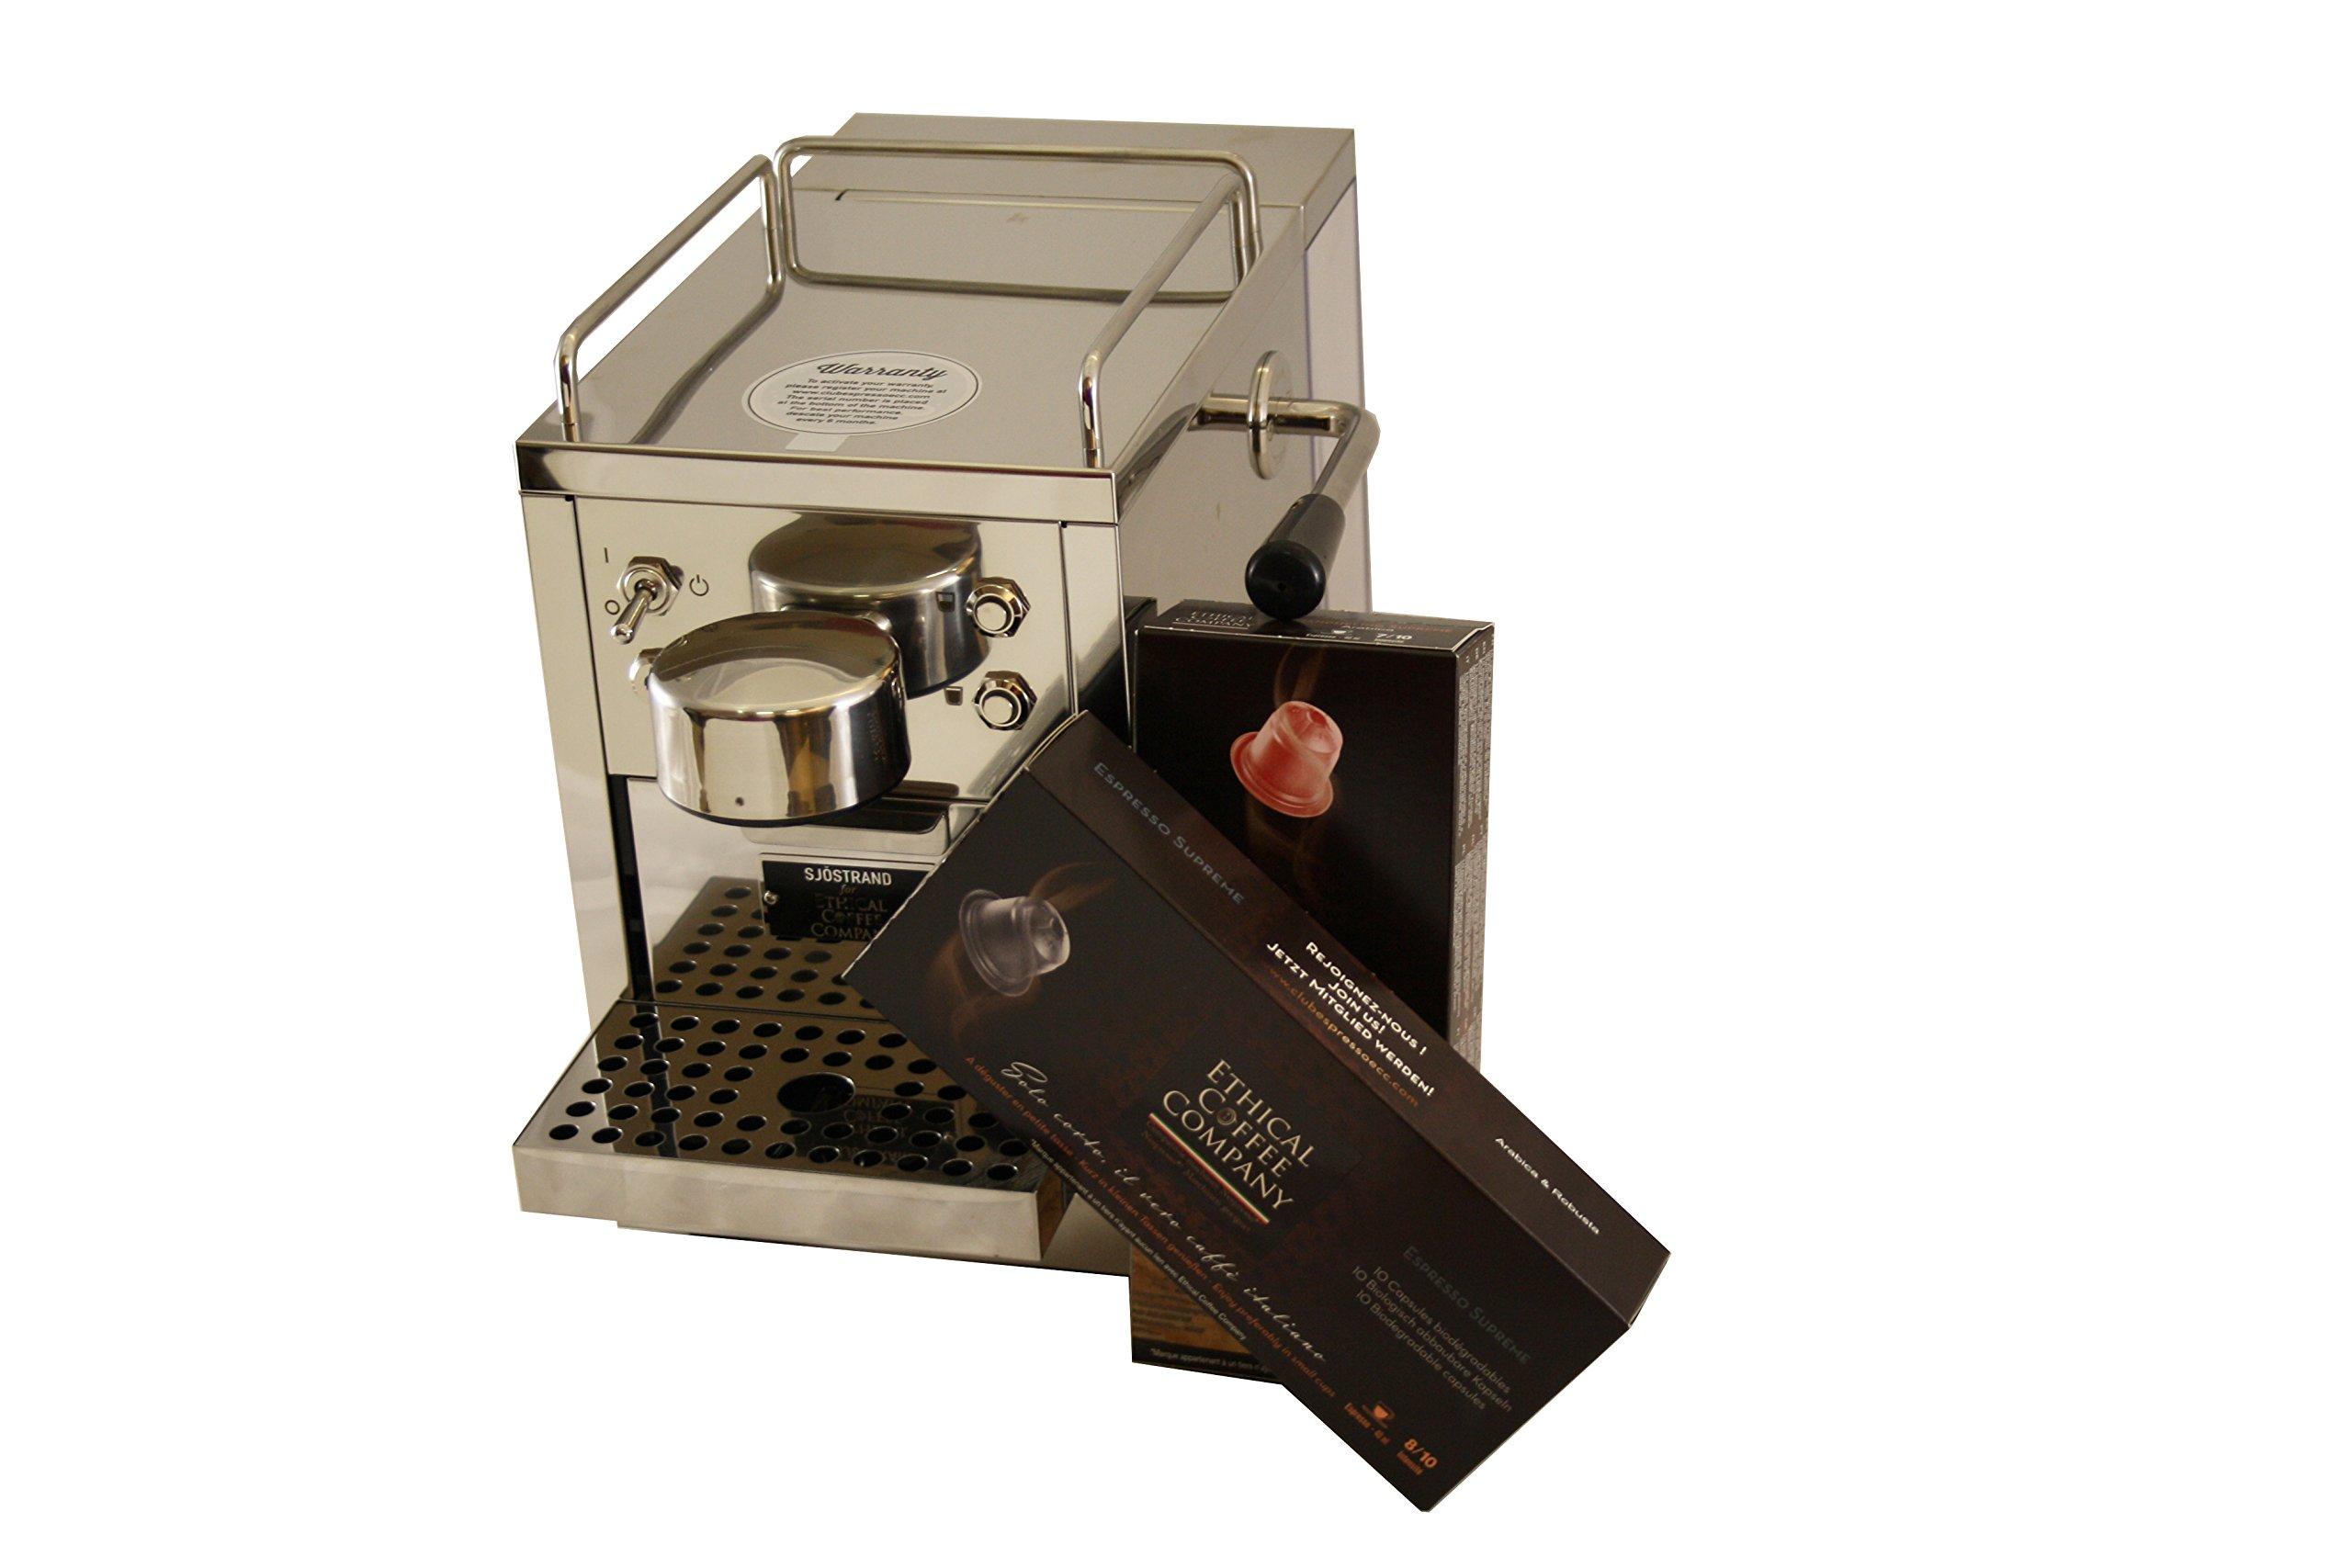 La Barista de Ethical Coffee - Cafetera de cápsulas compatibles. Acero Inoxidable (19 bares, depósito reserva 1,2l, modo café corto-largo, modo ecónomico de energía automático): Amazon.es: Hogar